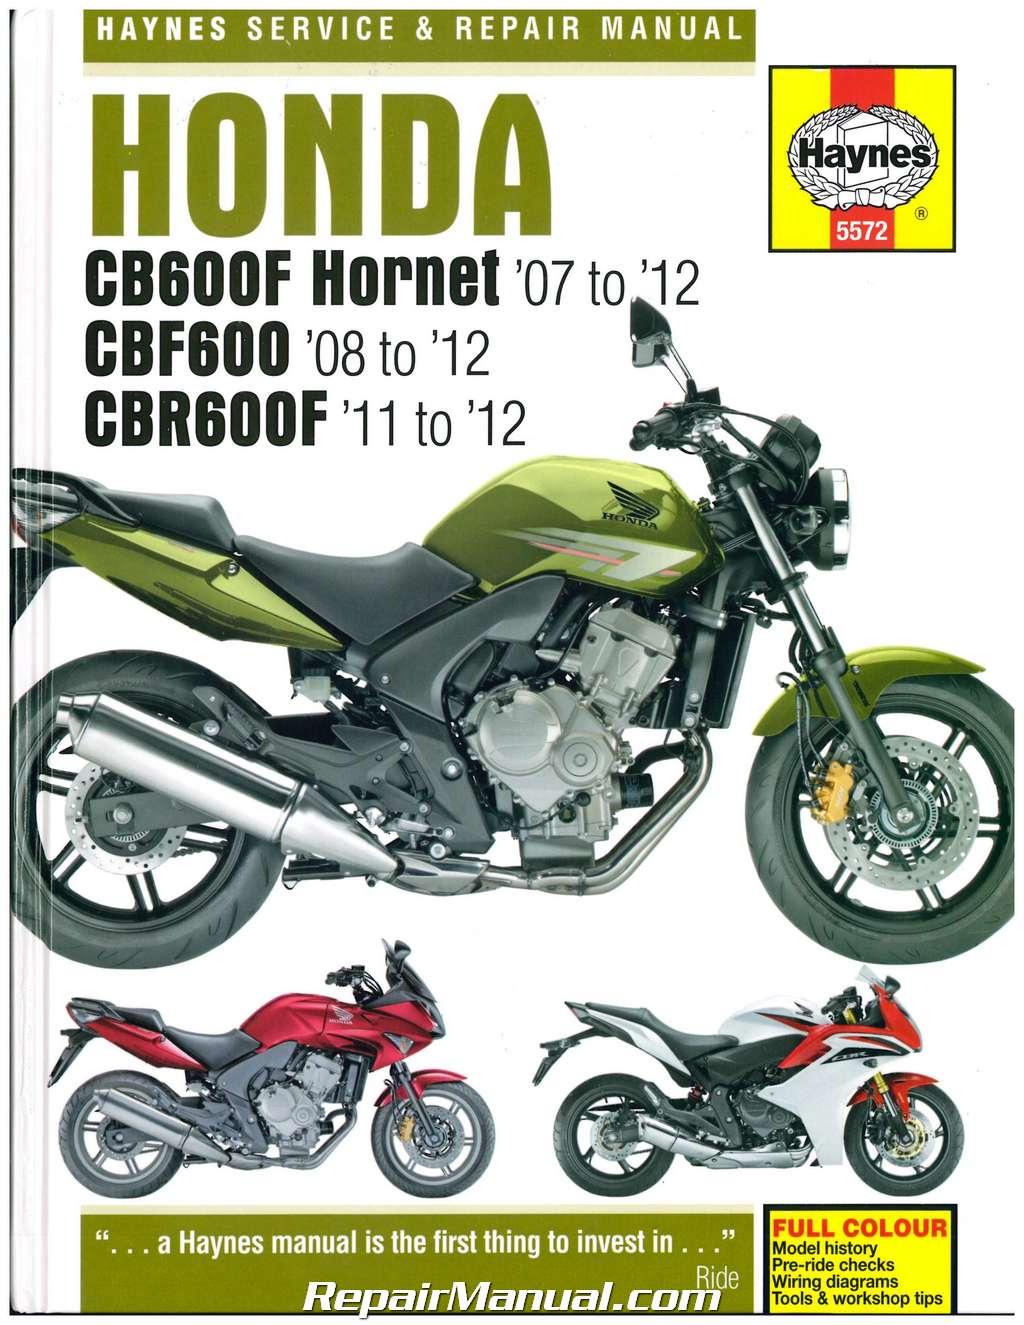 Honda CB600F Hornet ...